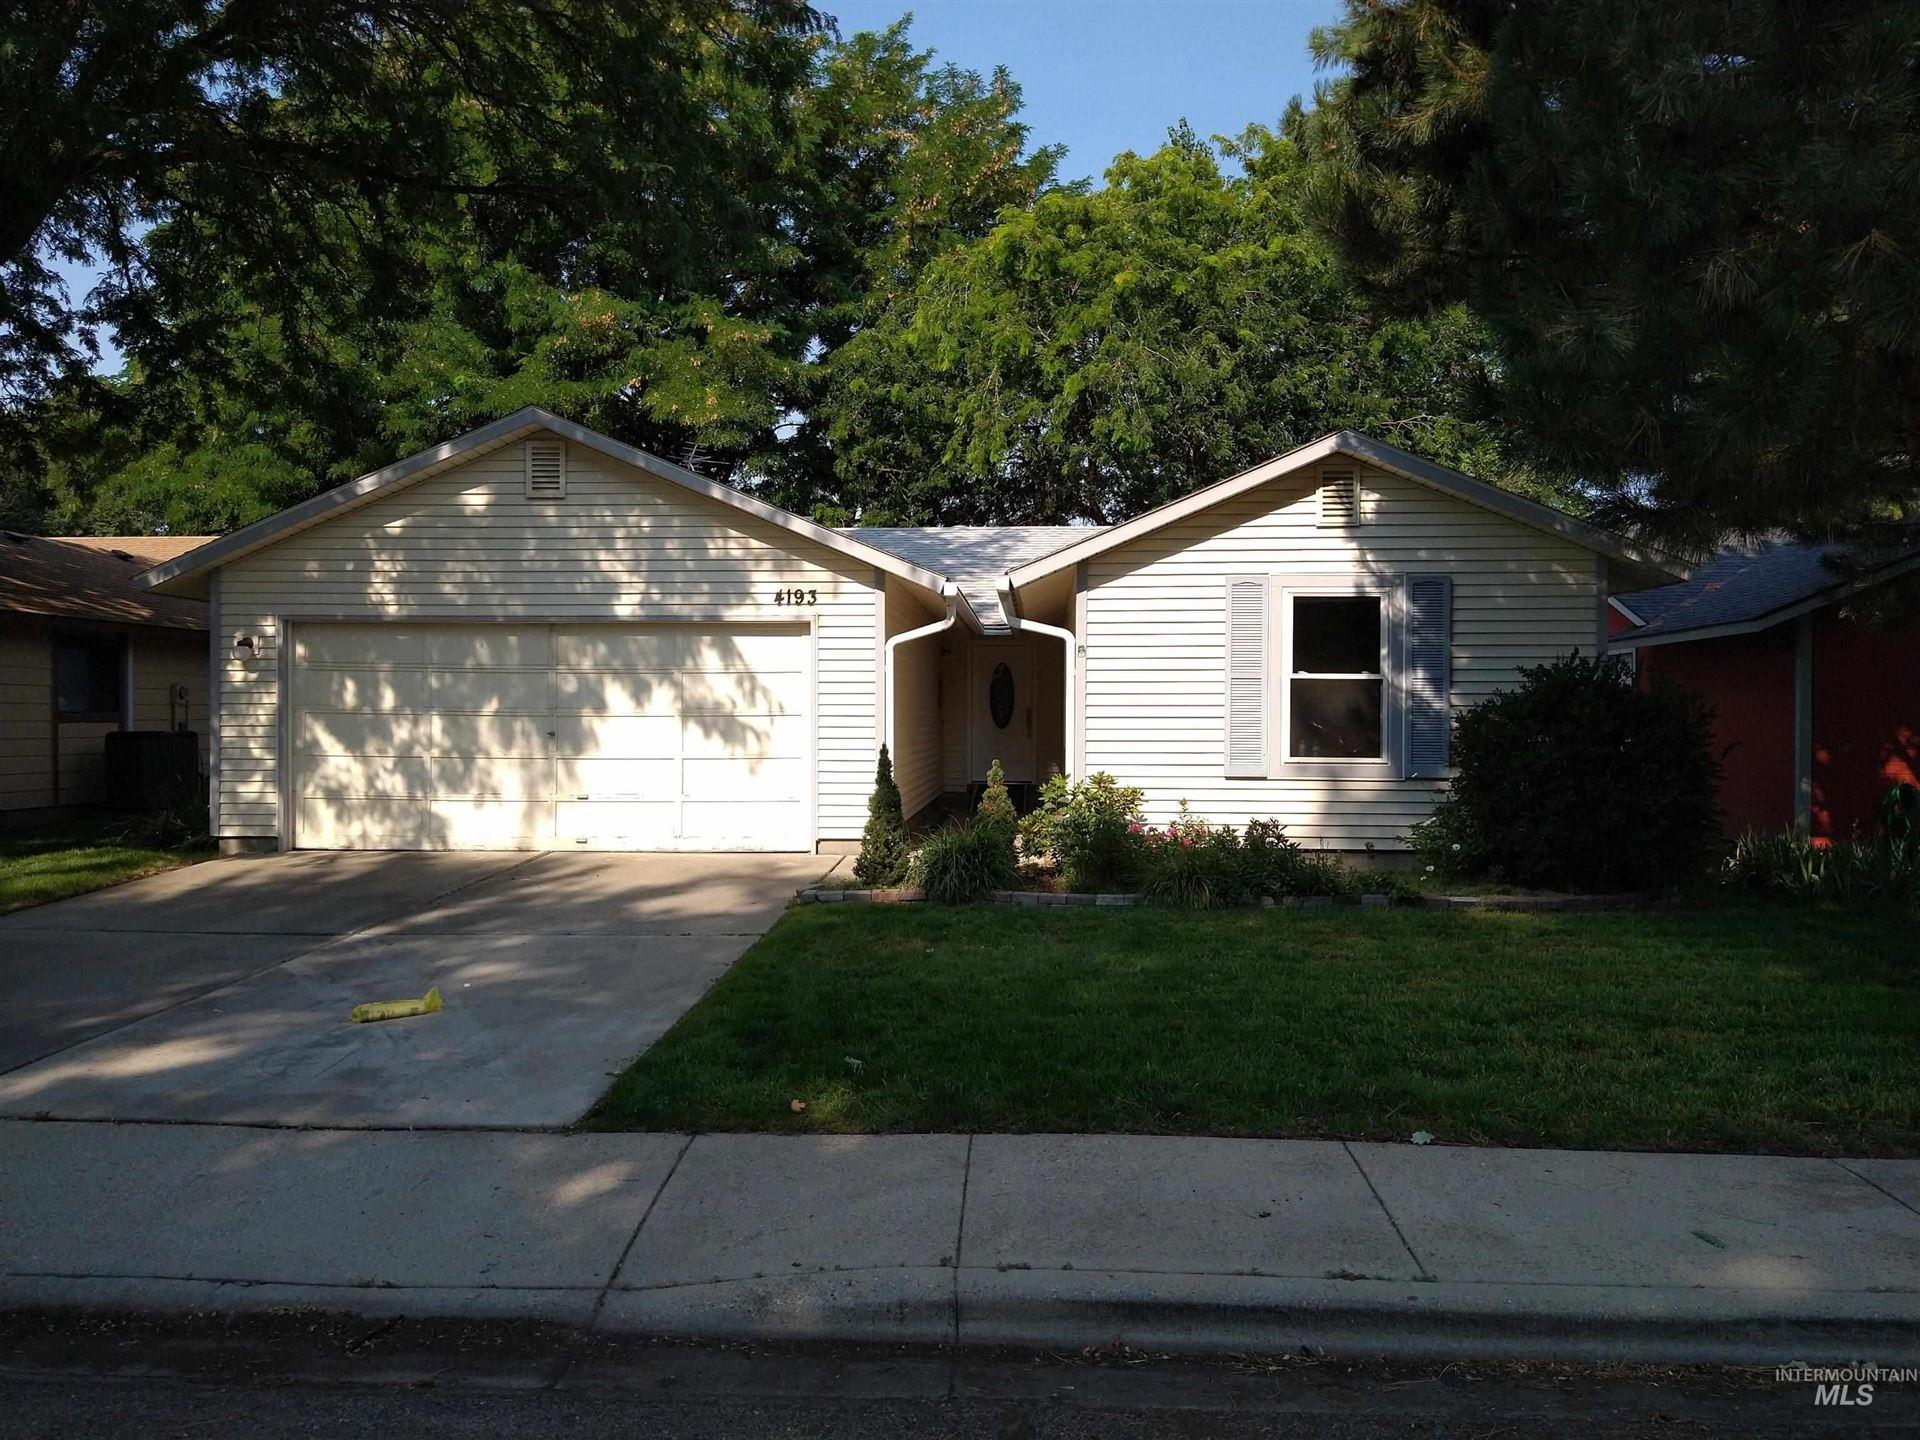 4193 N Esten, Boise, ID 83703 - MLS#: 98814425